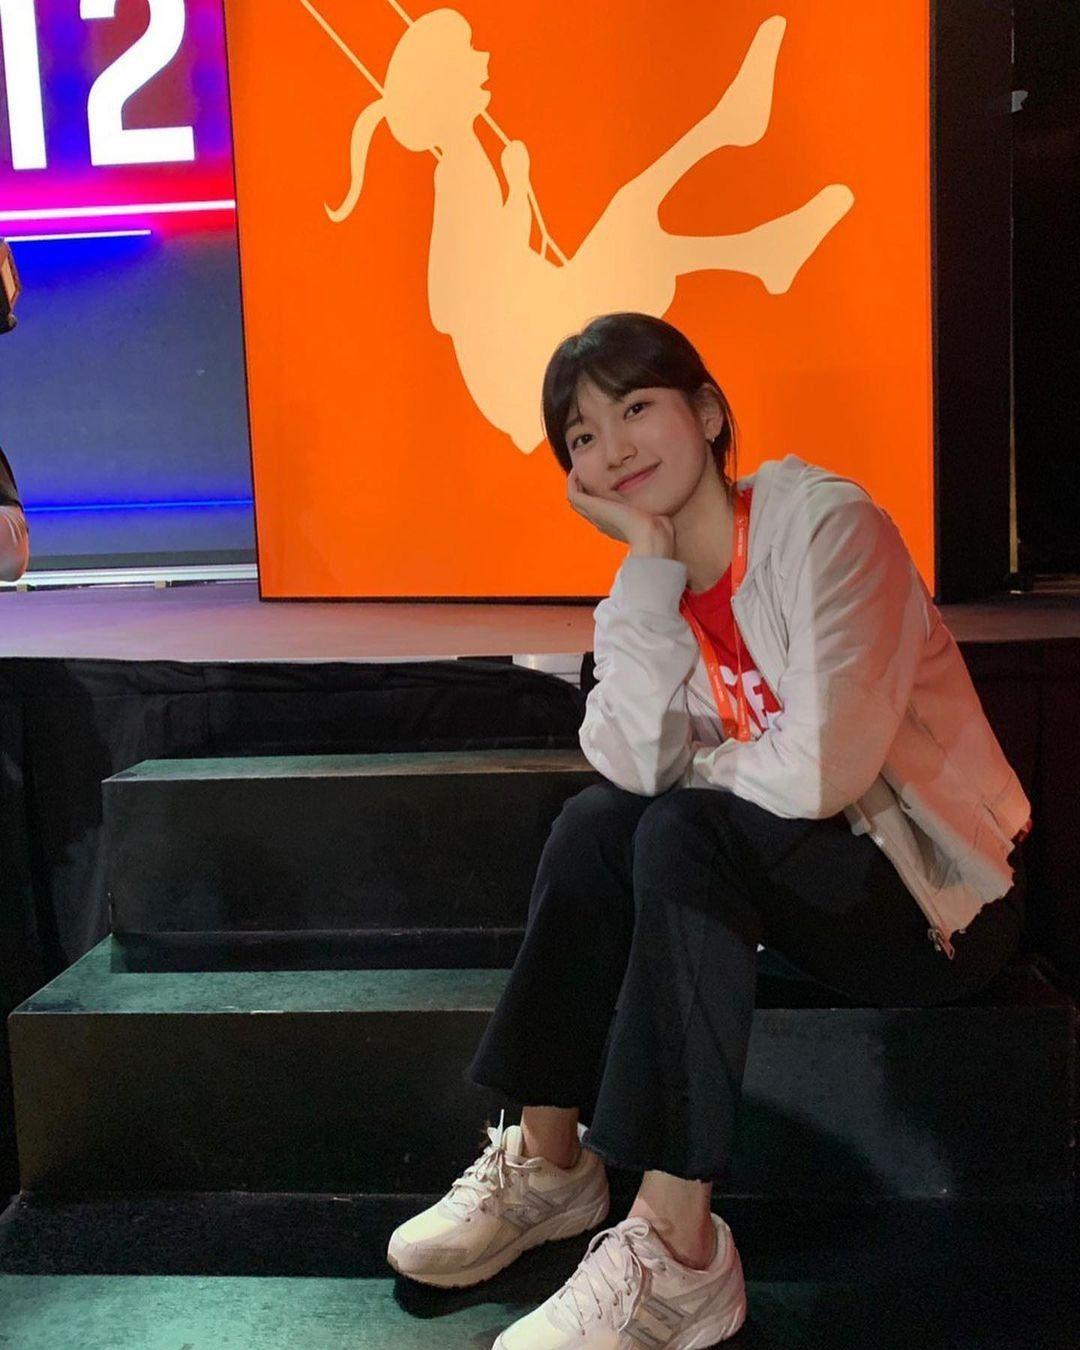 Không xem Start-Up thì chị em cũng nên ghim 4 kiểu giày đế thấp Suzy diện trong phim để nâng cấp style toàn tập 4